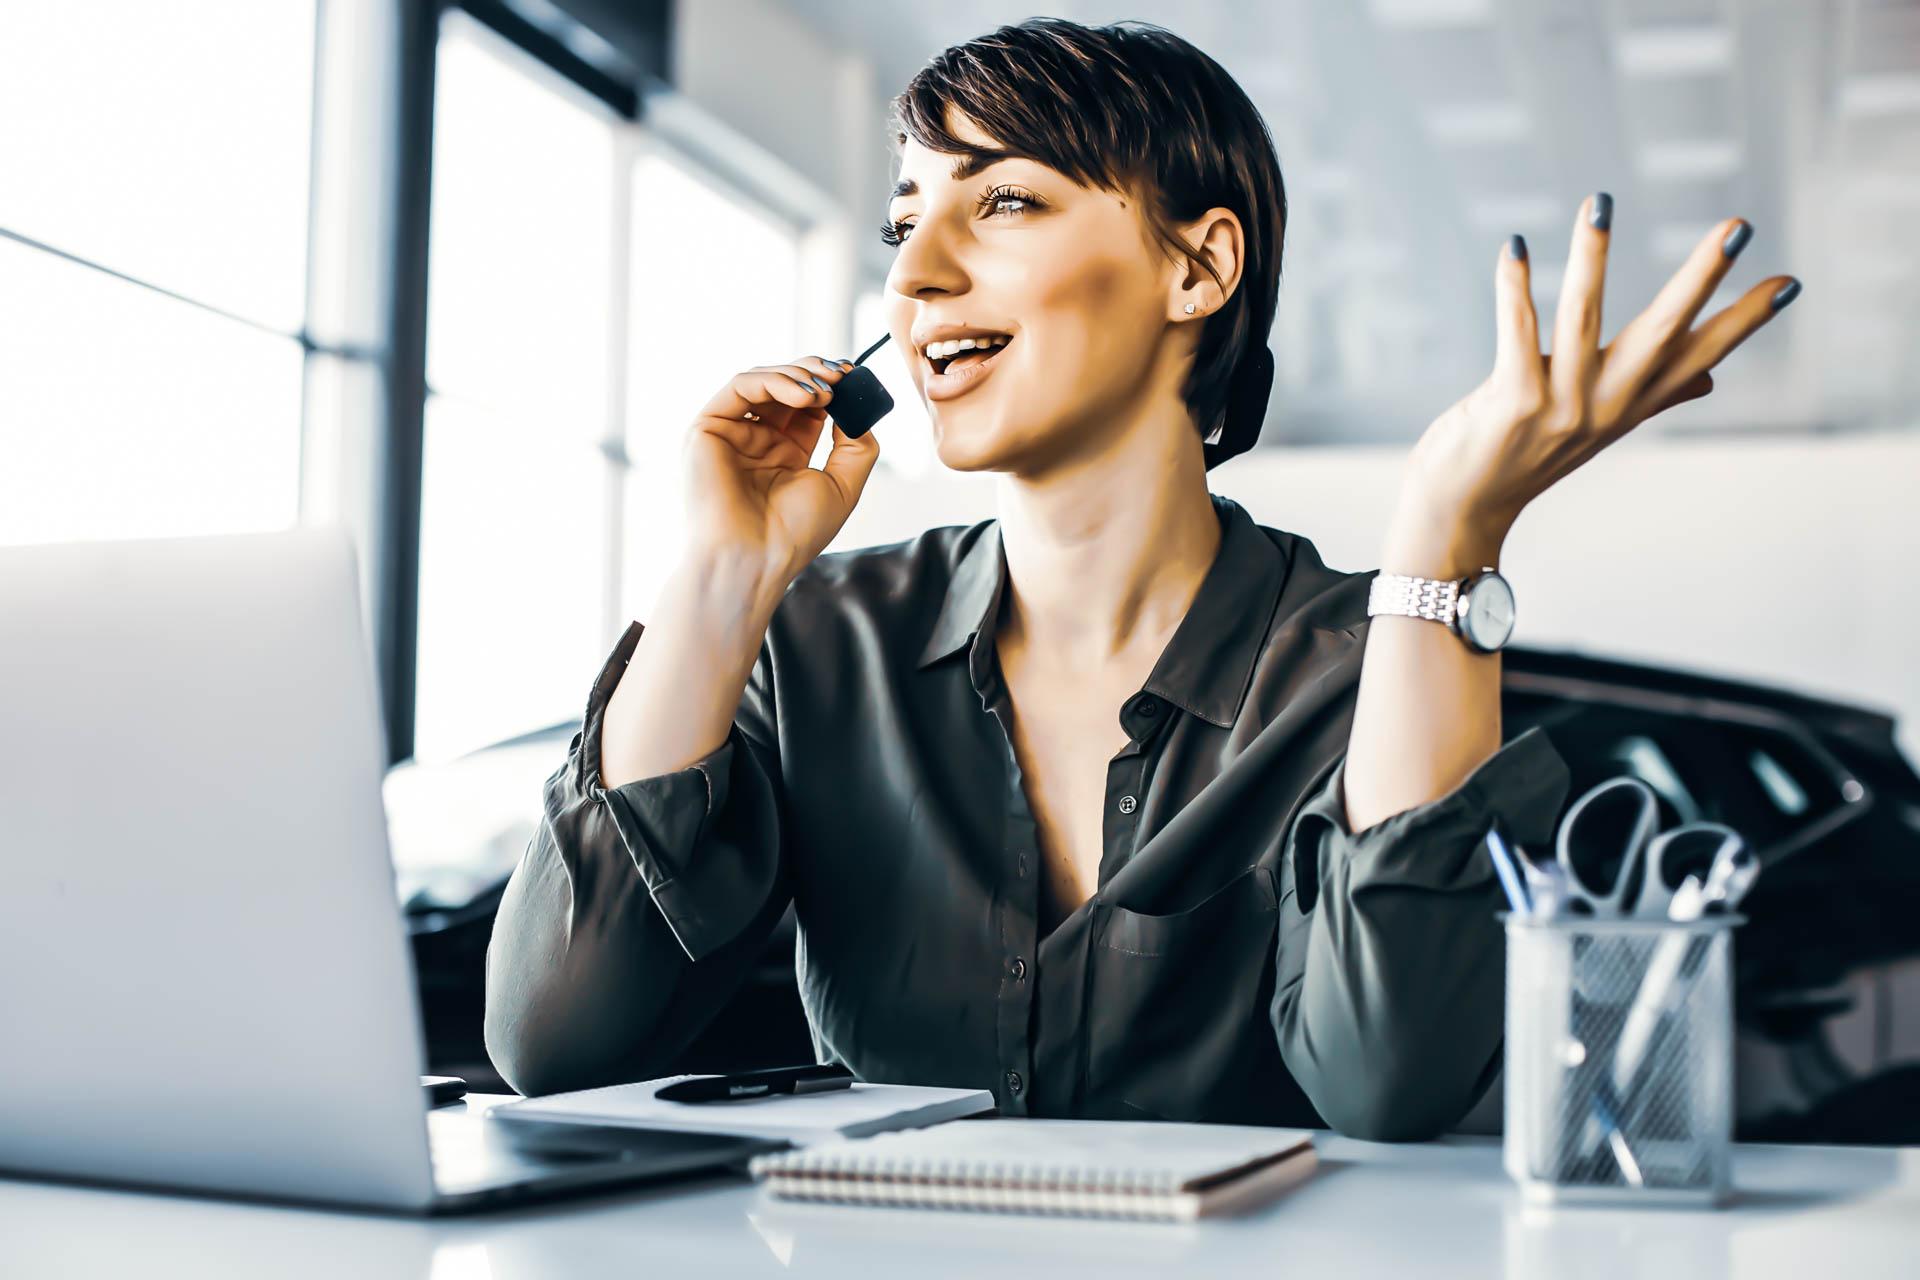 femme au téléphone face à son ordinateur pour représenter le pôle support d'i-media